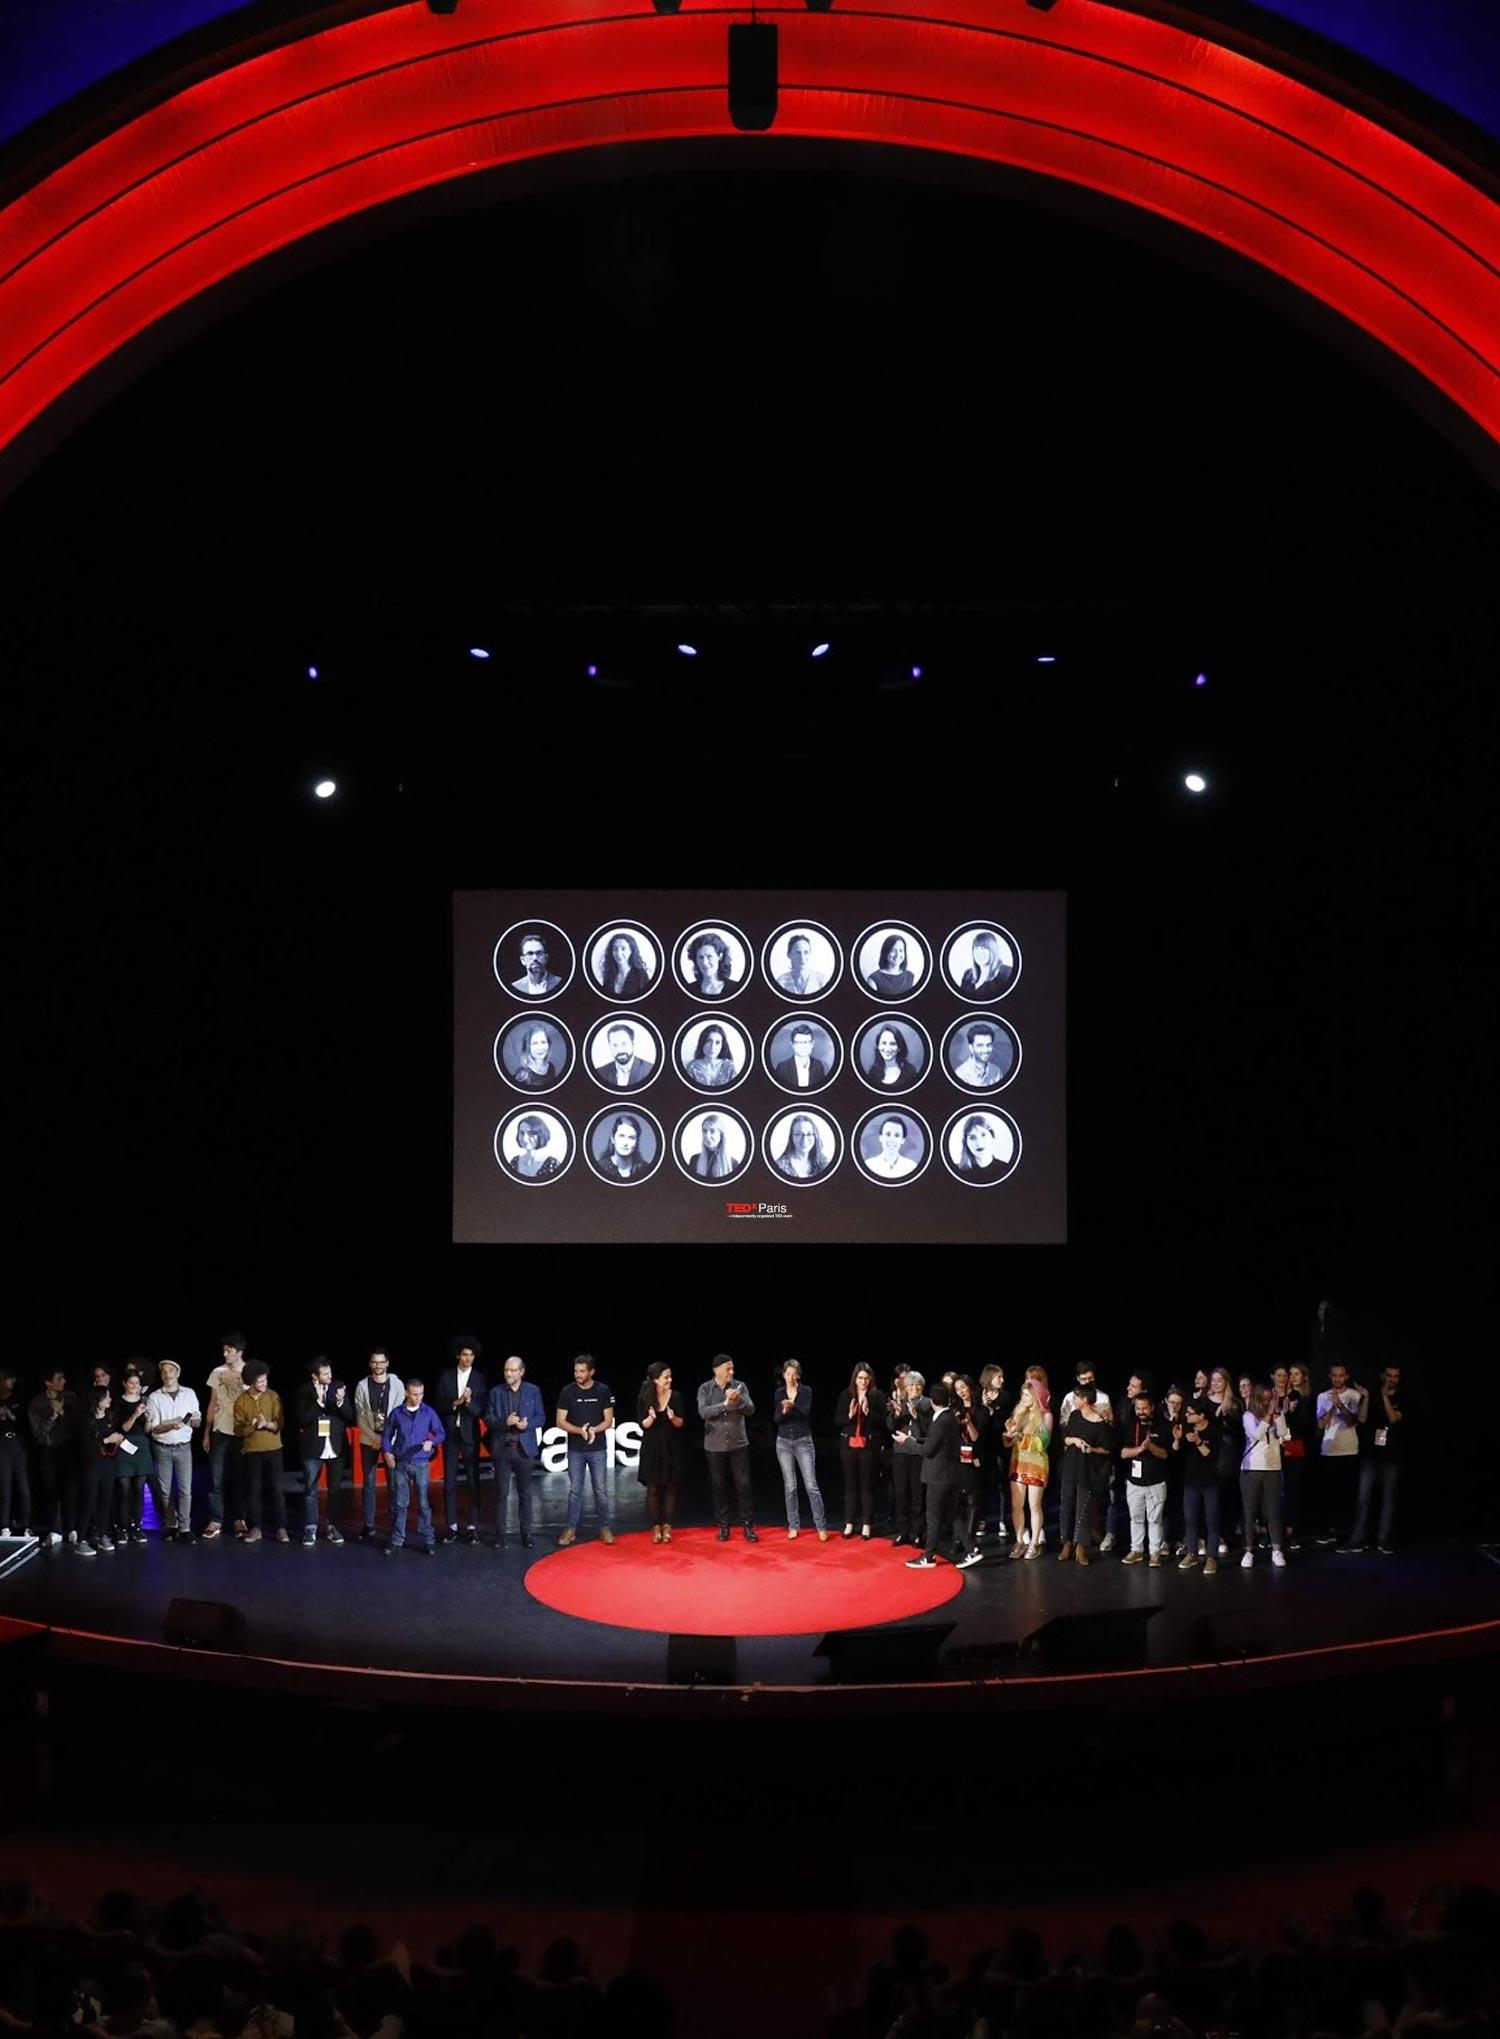 TEDxParis - TEDxParis est organisé de façon indépendante sous licence TED. La conférence a été organisée pour la première fois en mail 2009 sous l'impulsion de Michel Levy Provençal. C'est la première conférence TEDx européenne et une des 3 premières conférences TEDx à avoir été créée.